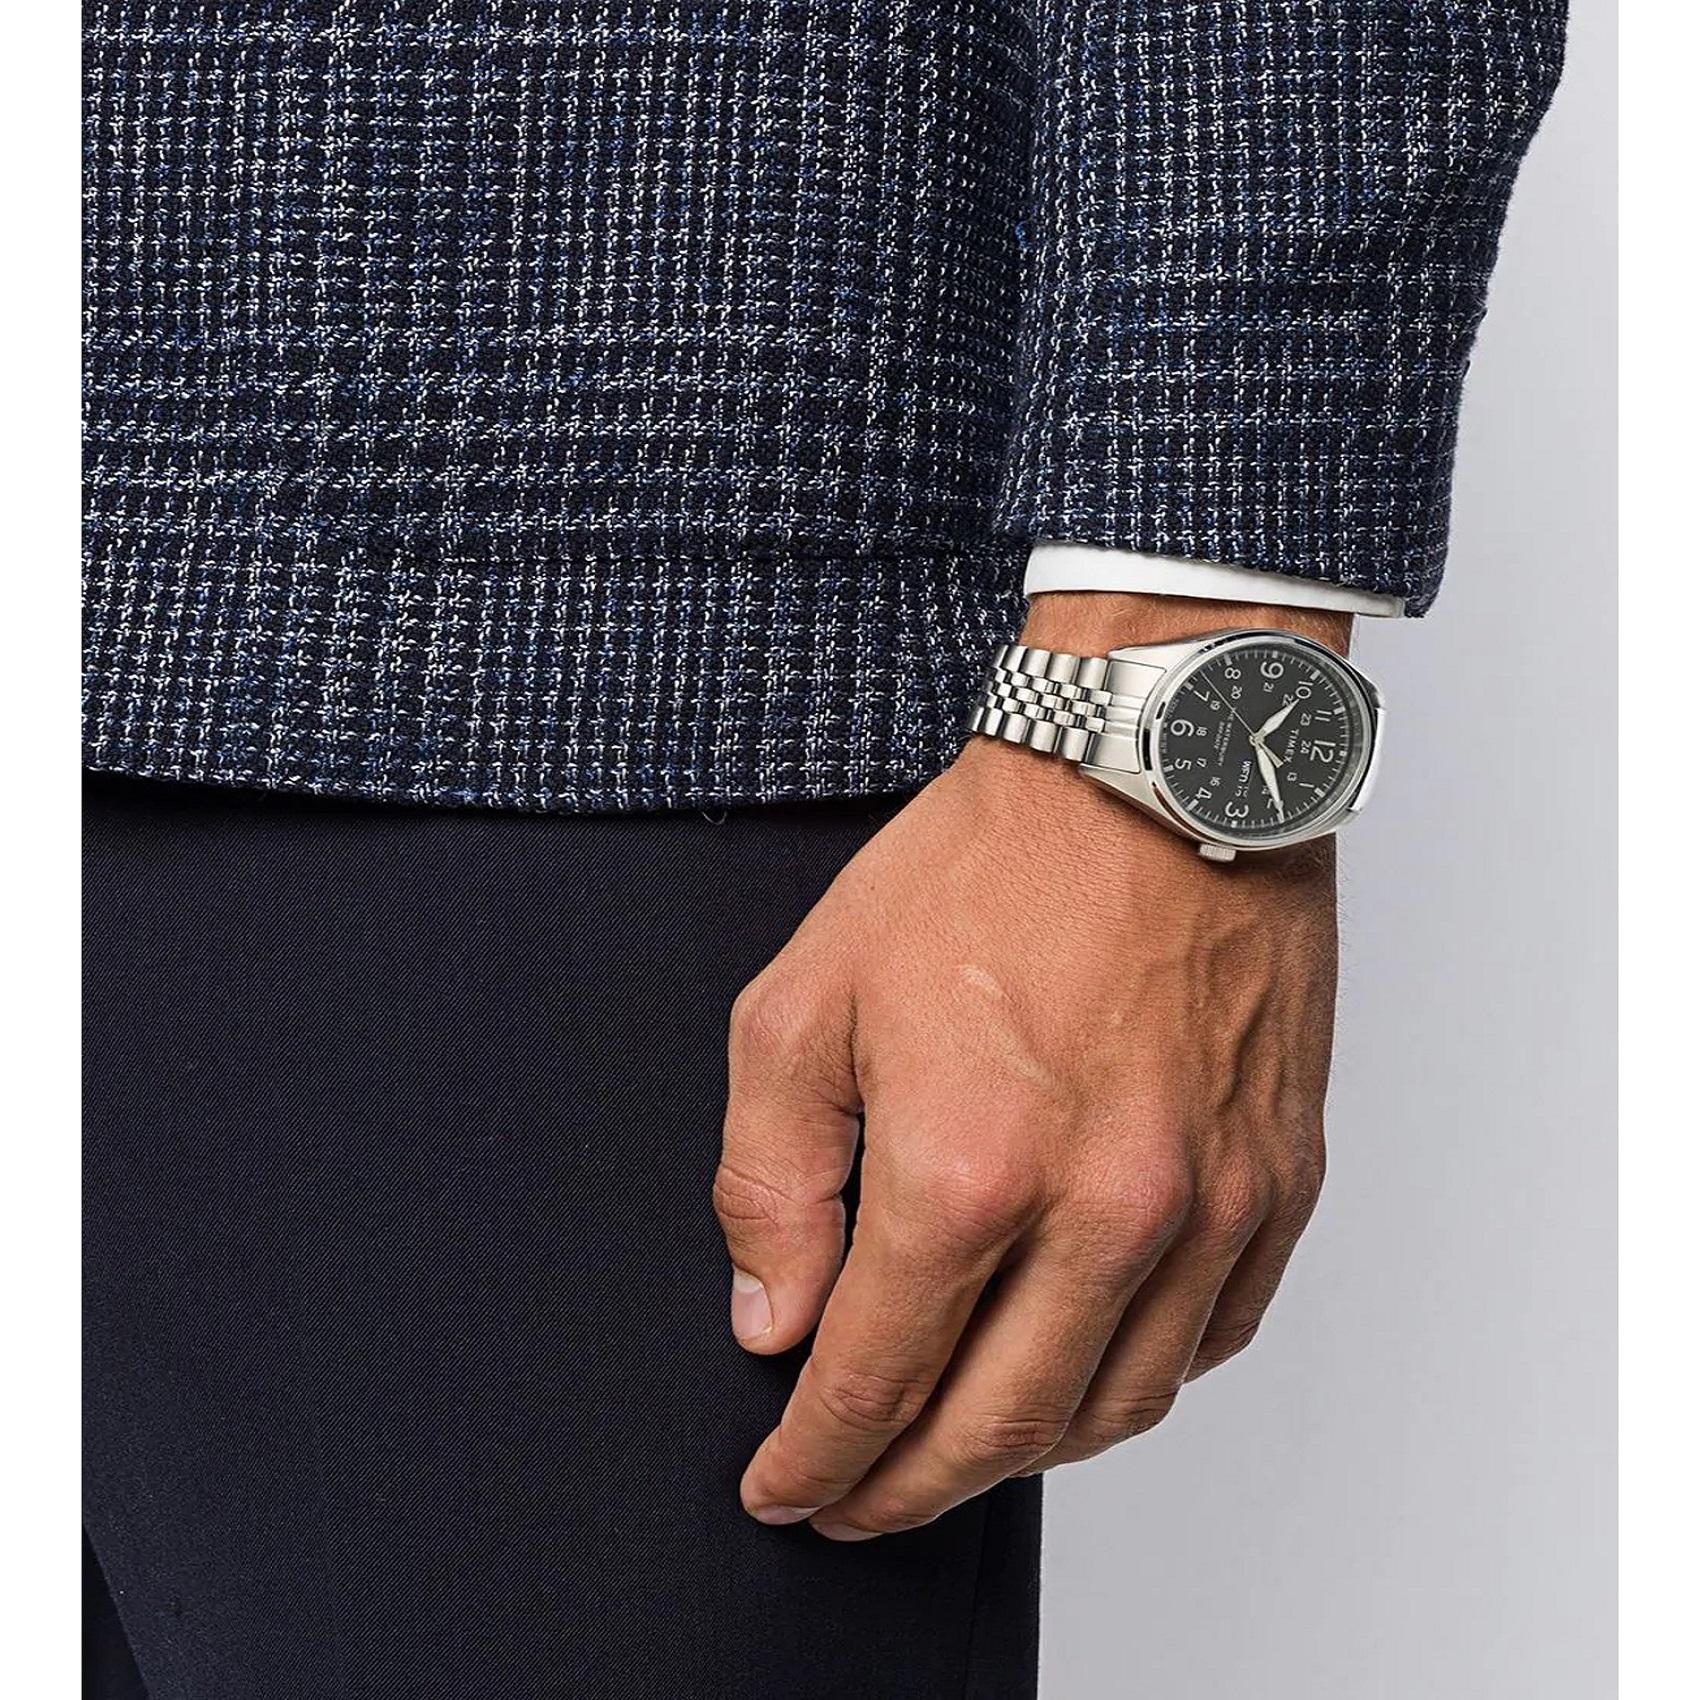 ساعت مچی عقربهای مردانه تایمکس مدل TW2R89300